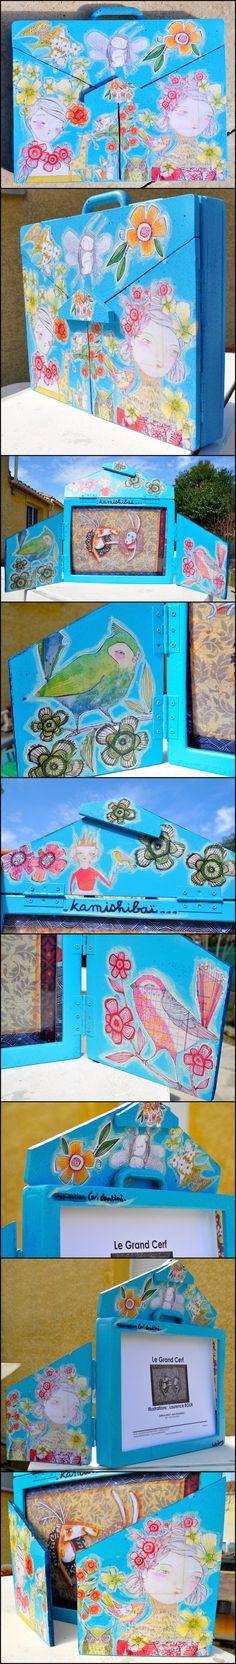 Personnalisation de mon Butaï pour mes Kamishibaï dans le cadre de mon métier d'assistante maternelle  par http://hellofannyscrap.com/